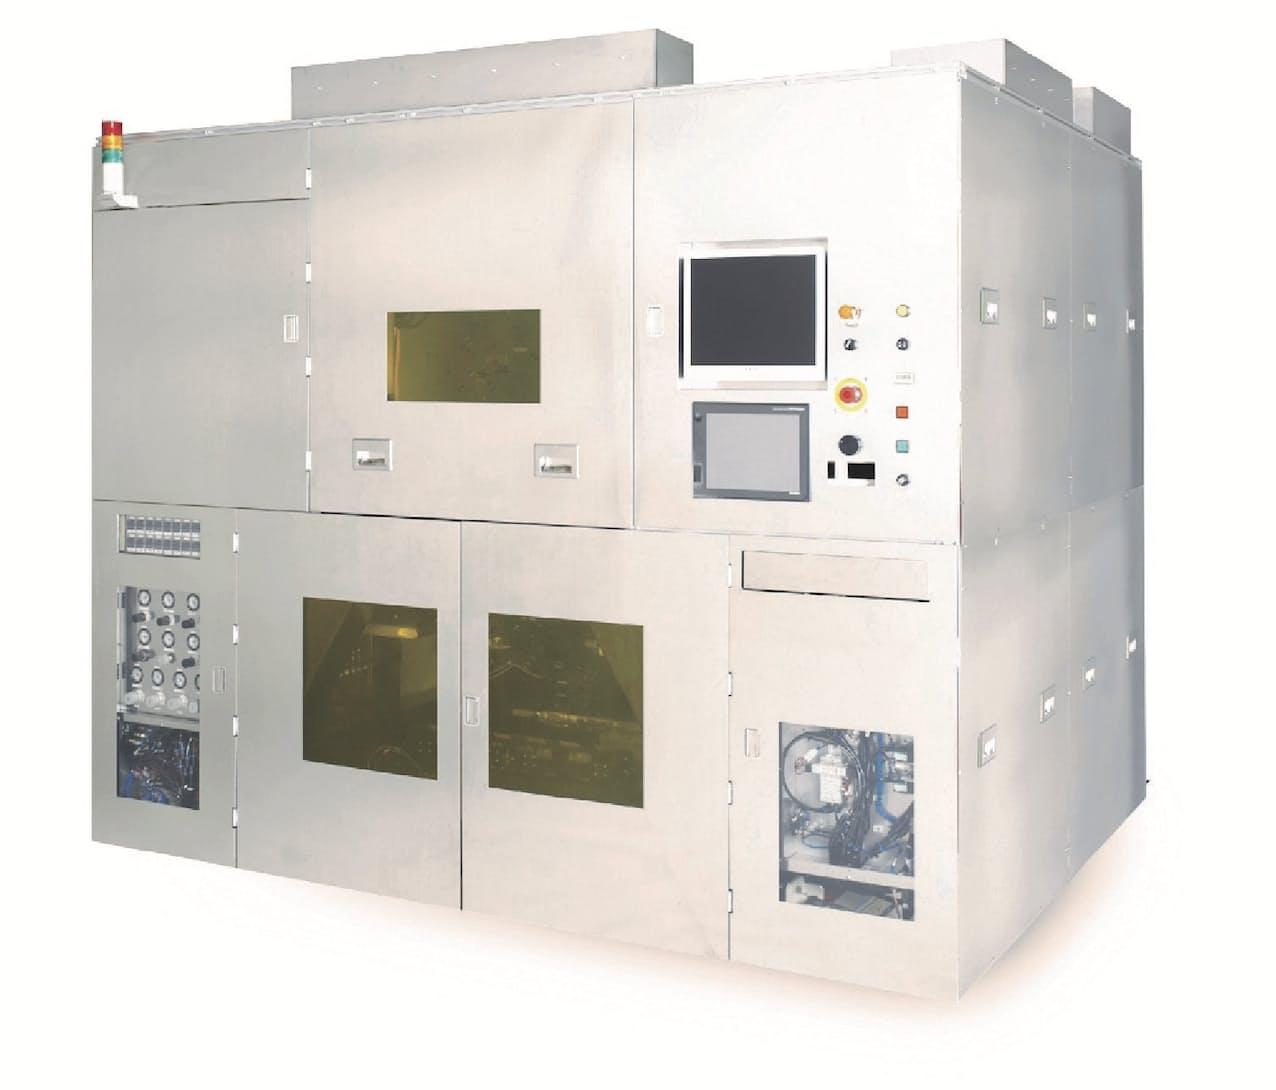 分割投影露光装置「UX-5シリーズ」